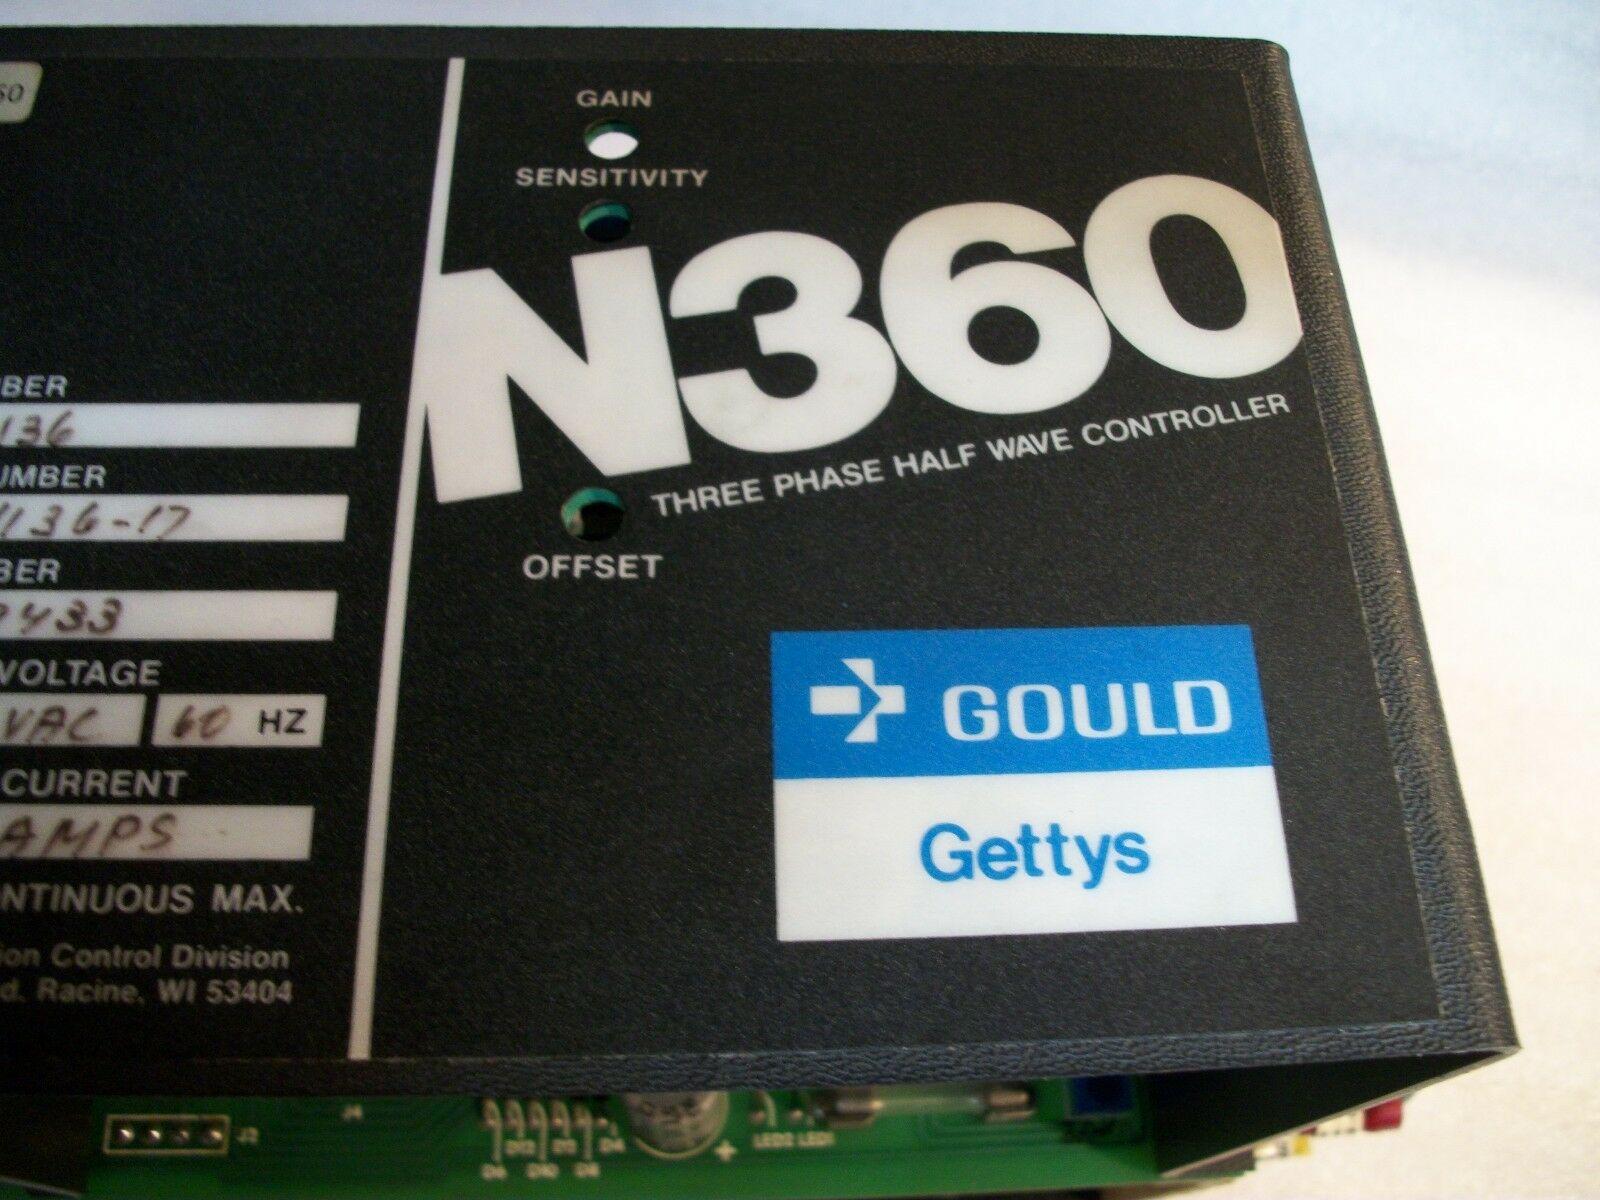 Gould Gettys N360 Axis Drive Type N136, Version 66-1136-17 24 amp